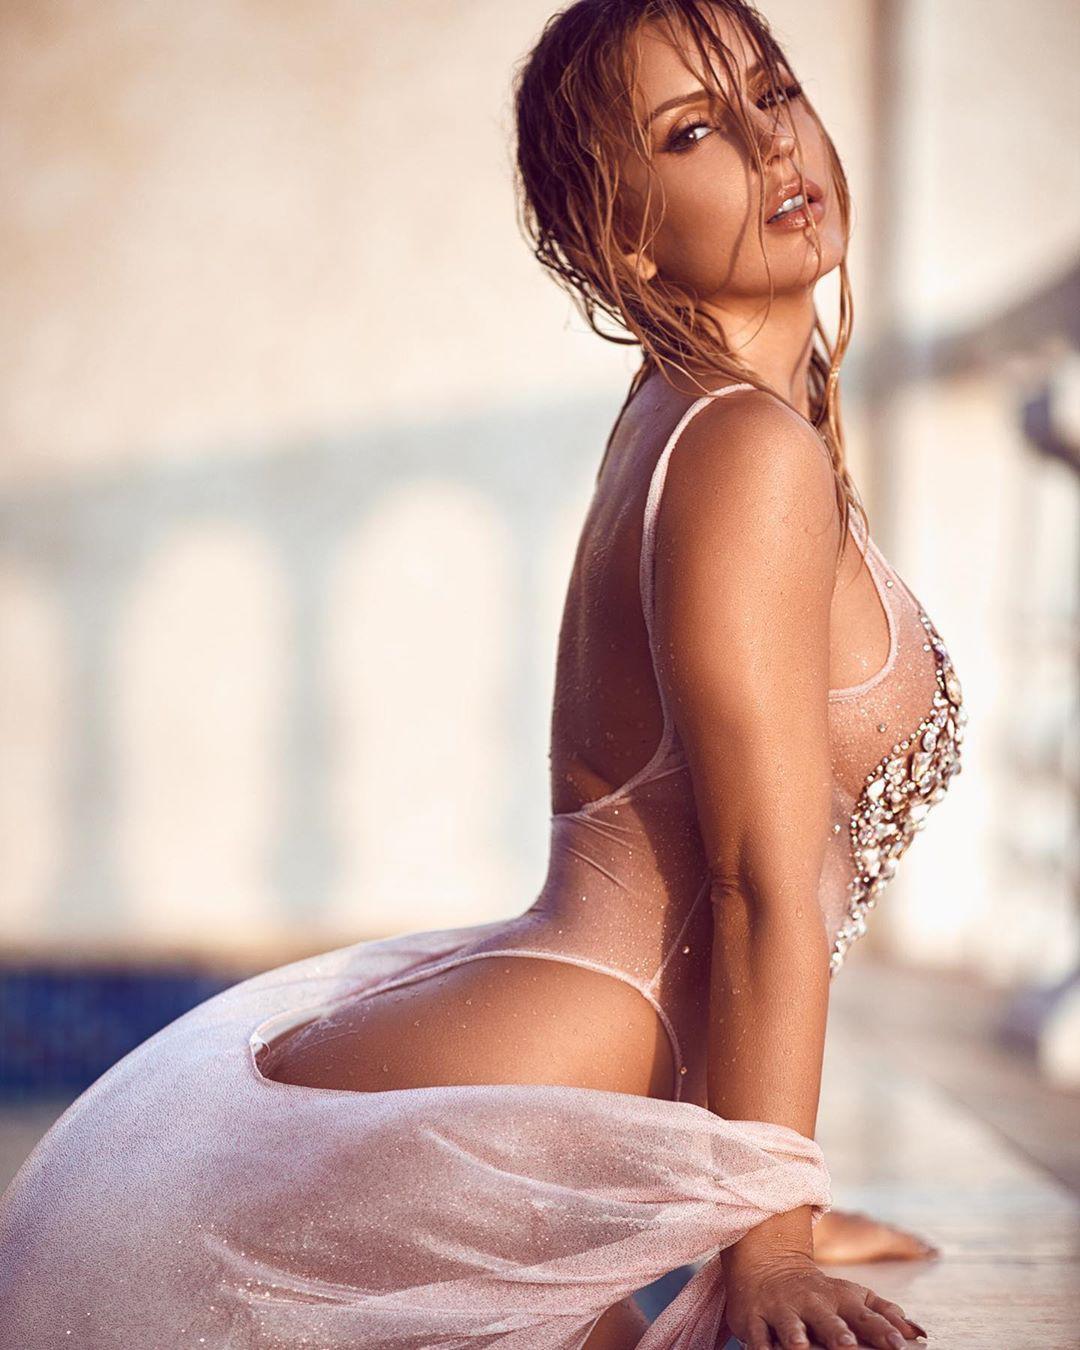 Amanda Paris Hot Pictures, Wow Couture, Photo shoot